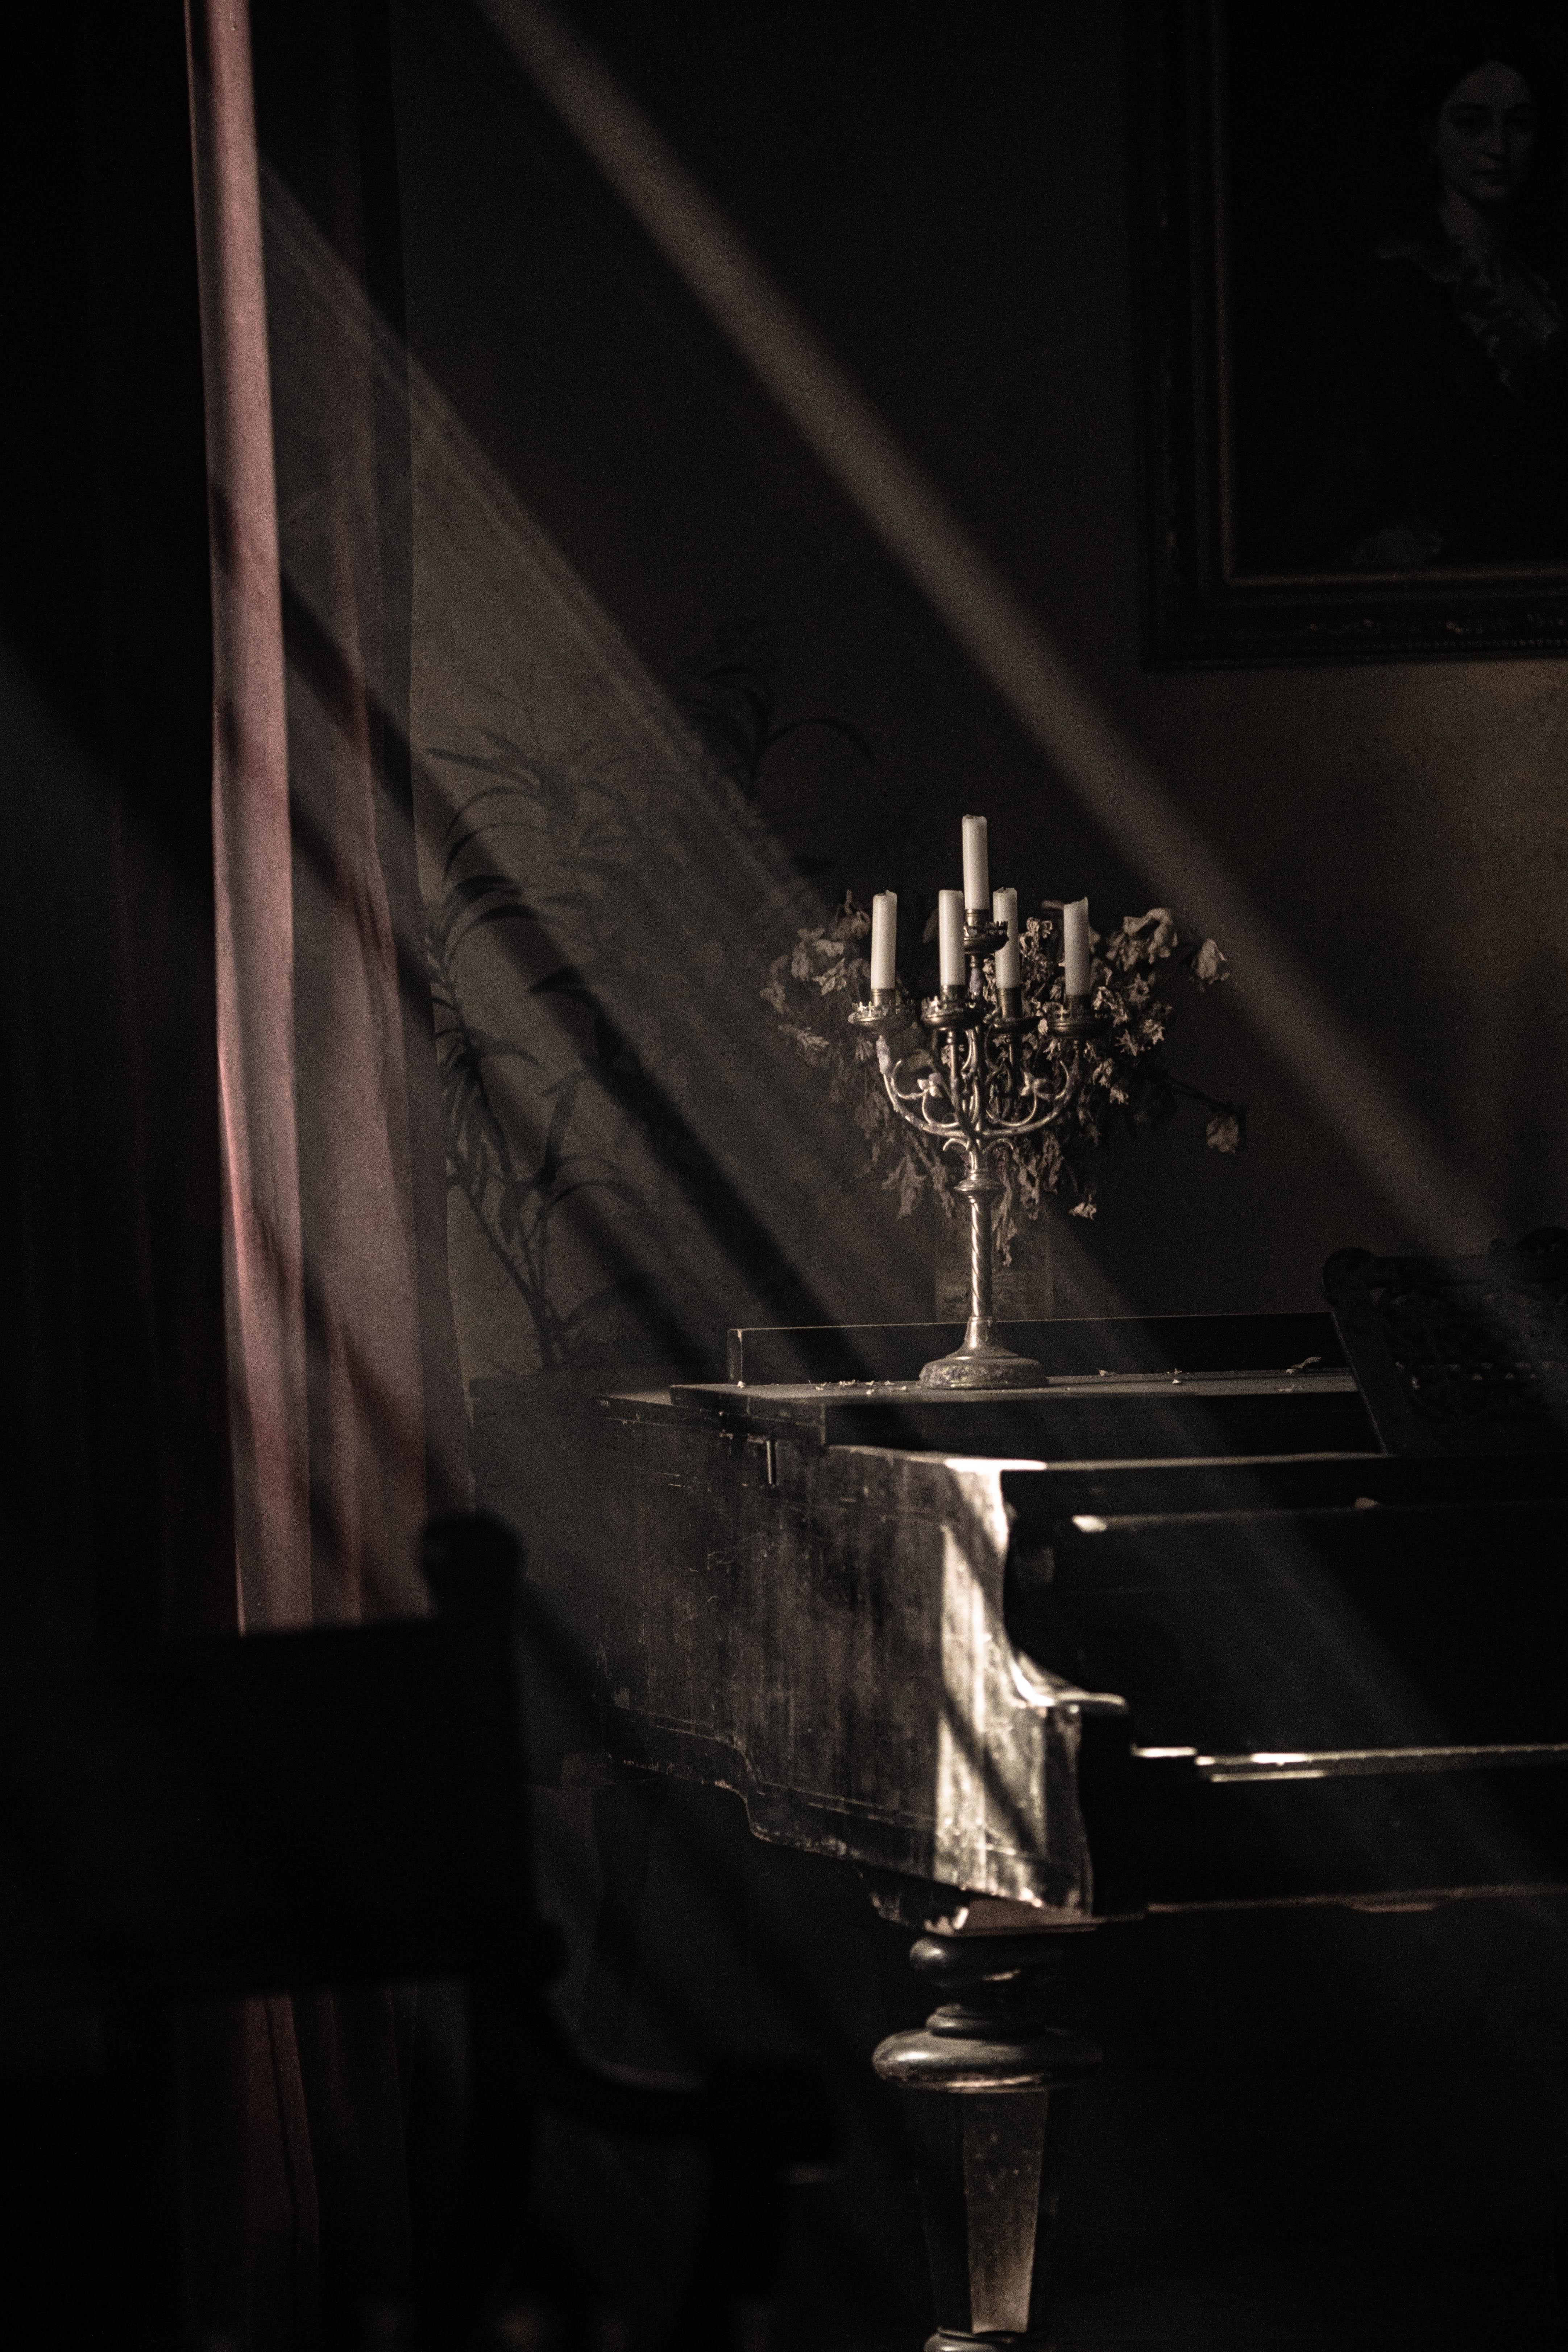 149901 скачать обои Темные, Свечи, Лучи, Свет, Пианино - заставки и картинки бесплатно